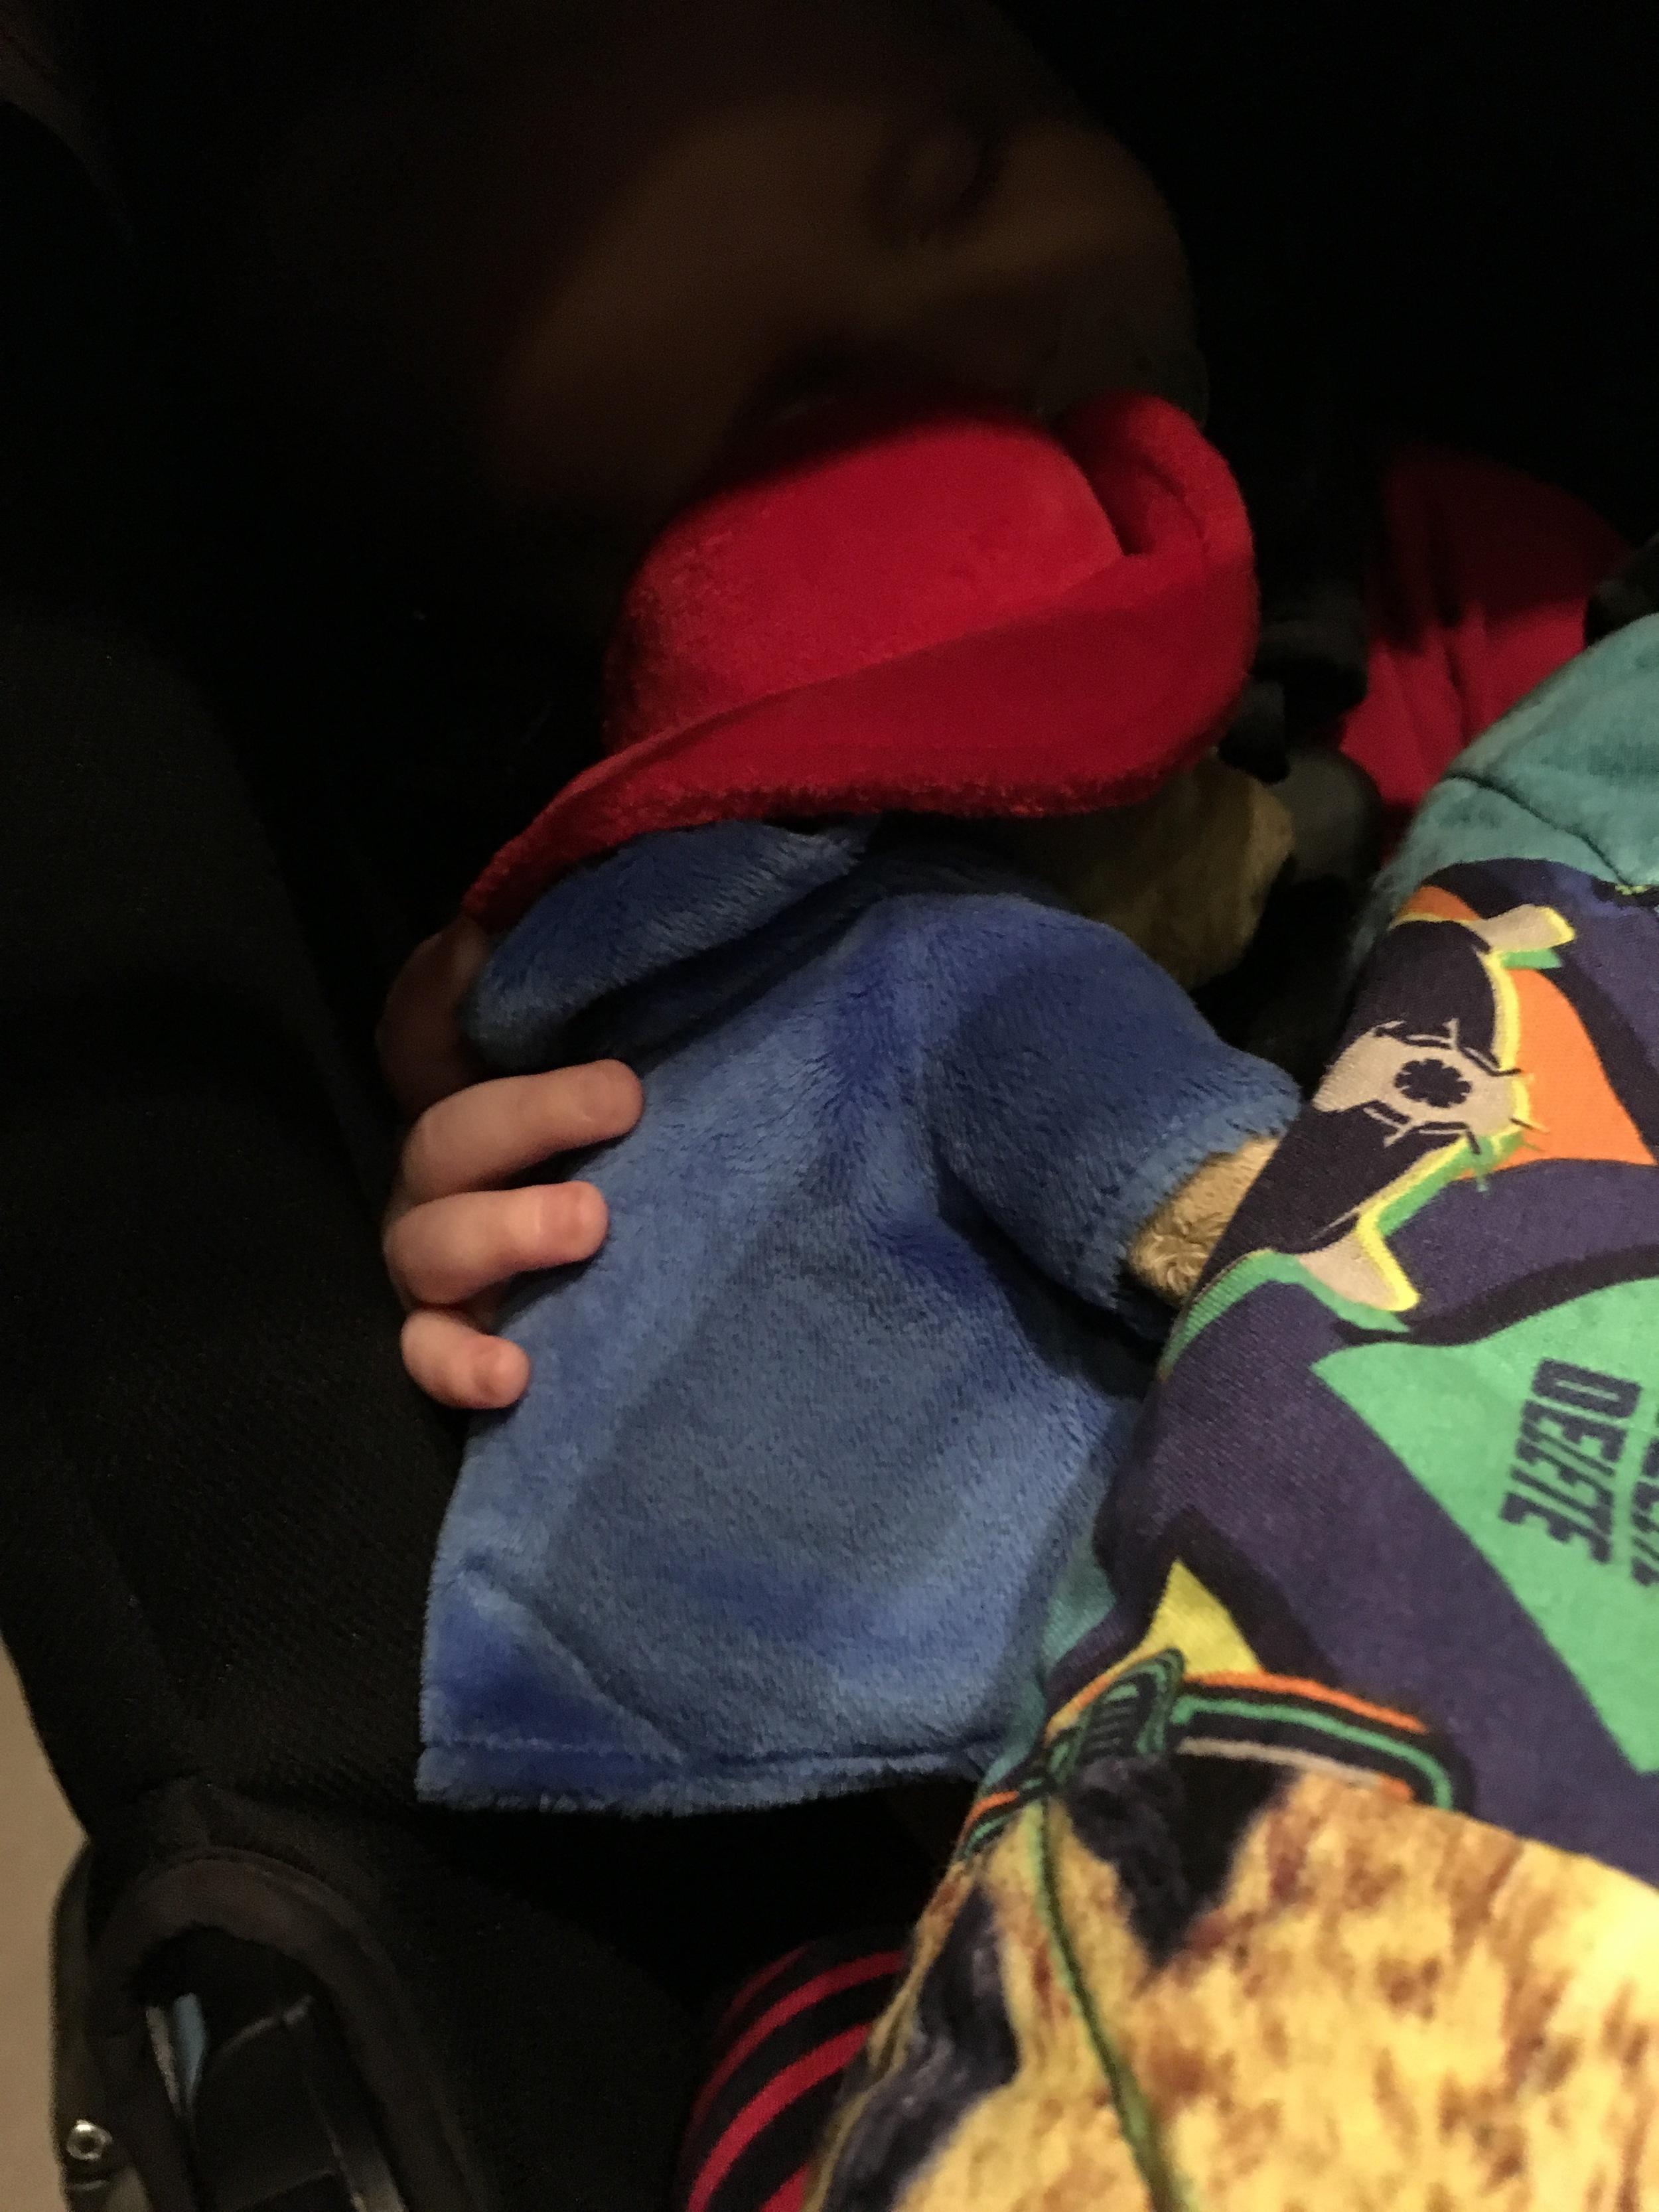 Cuddled with Paddington